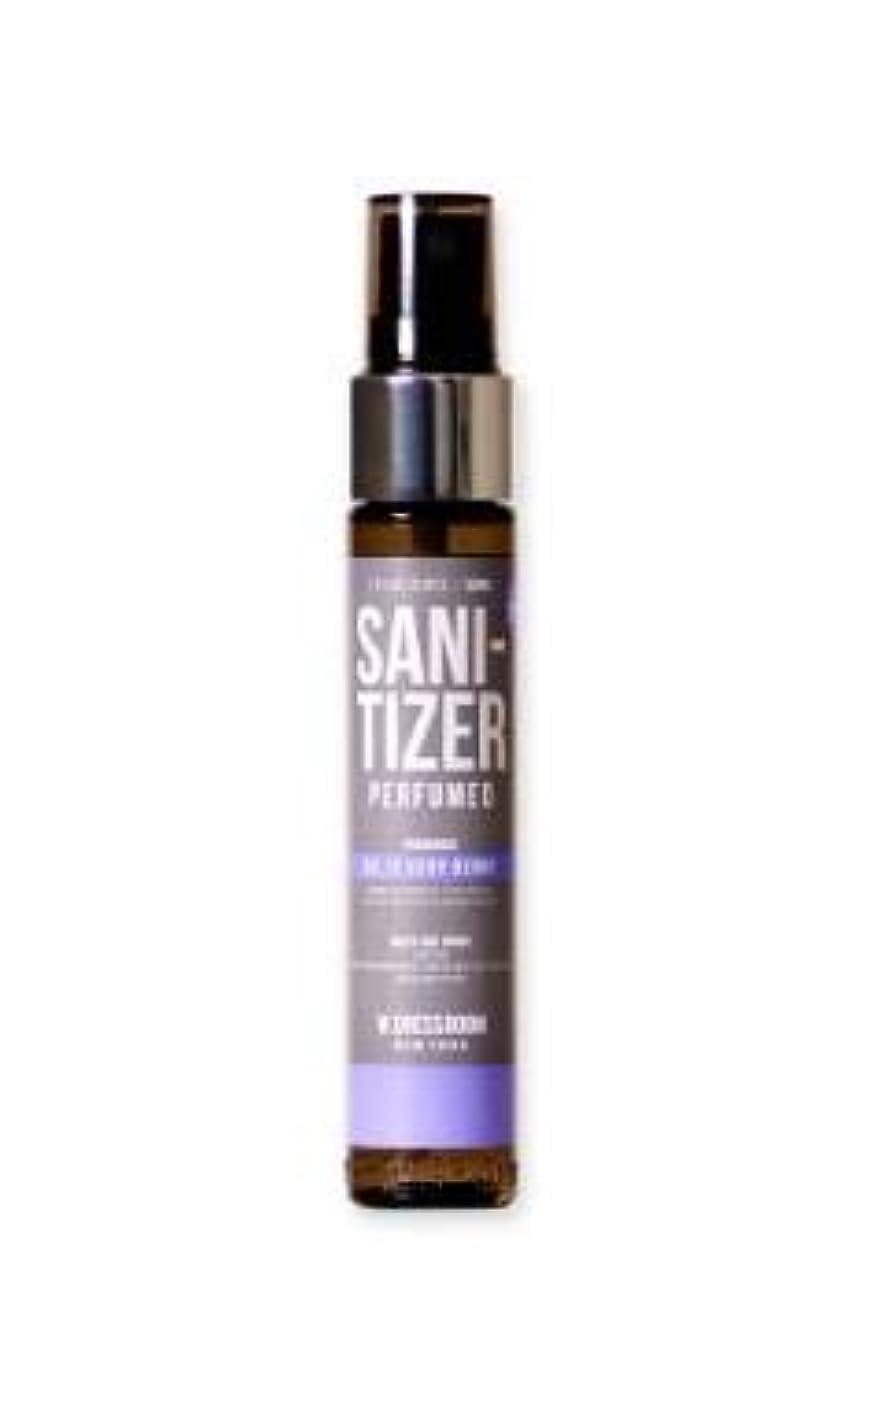 混乱した概して狭いW.DRESSROOM Perfumed Sanitizer (No.12 Very Berry) / パフューム サニタイザー